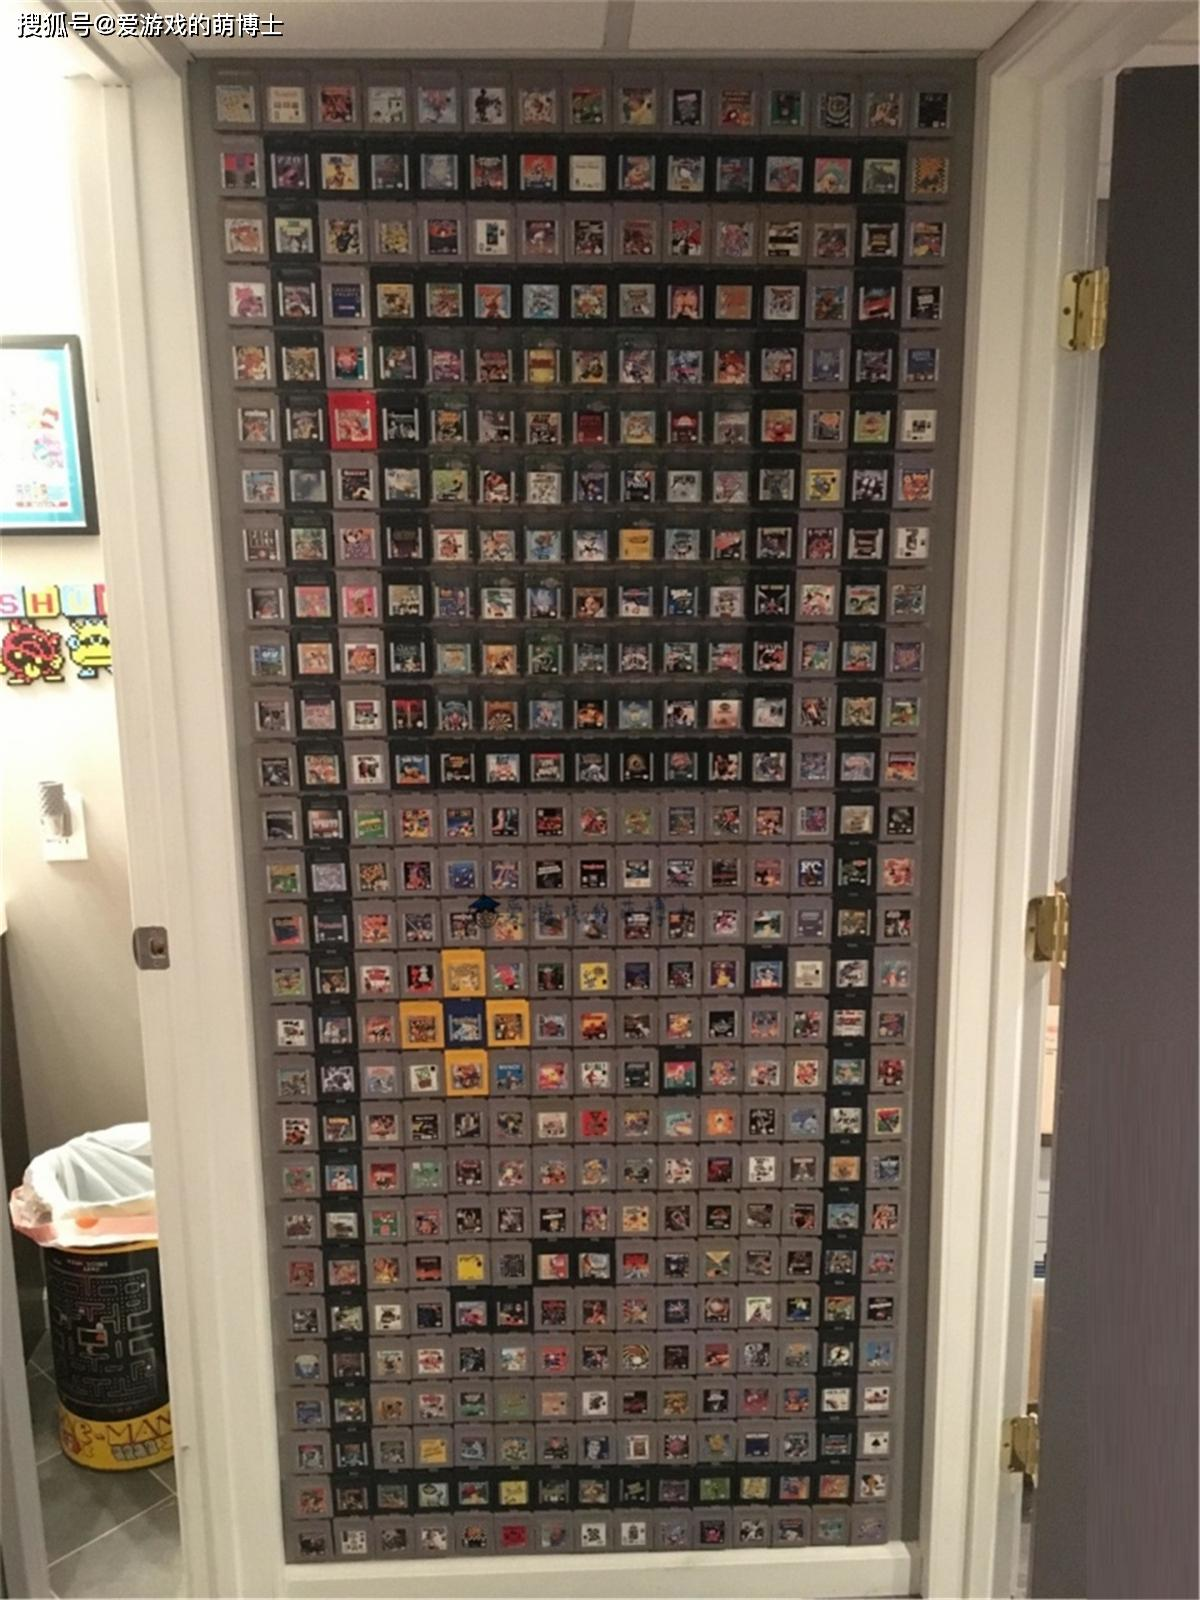 日本玩家把洗手间改造成宝可梦图鉴,网友:感觉很棒